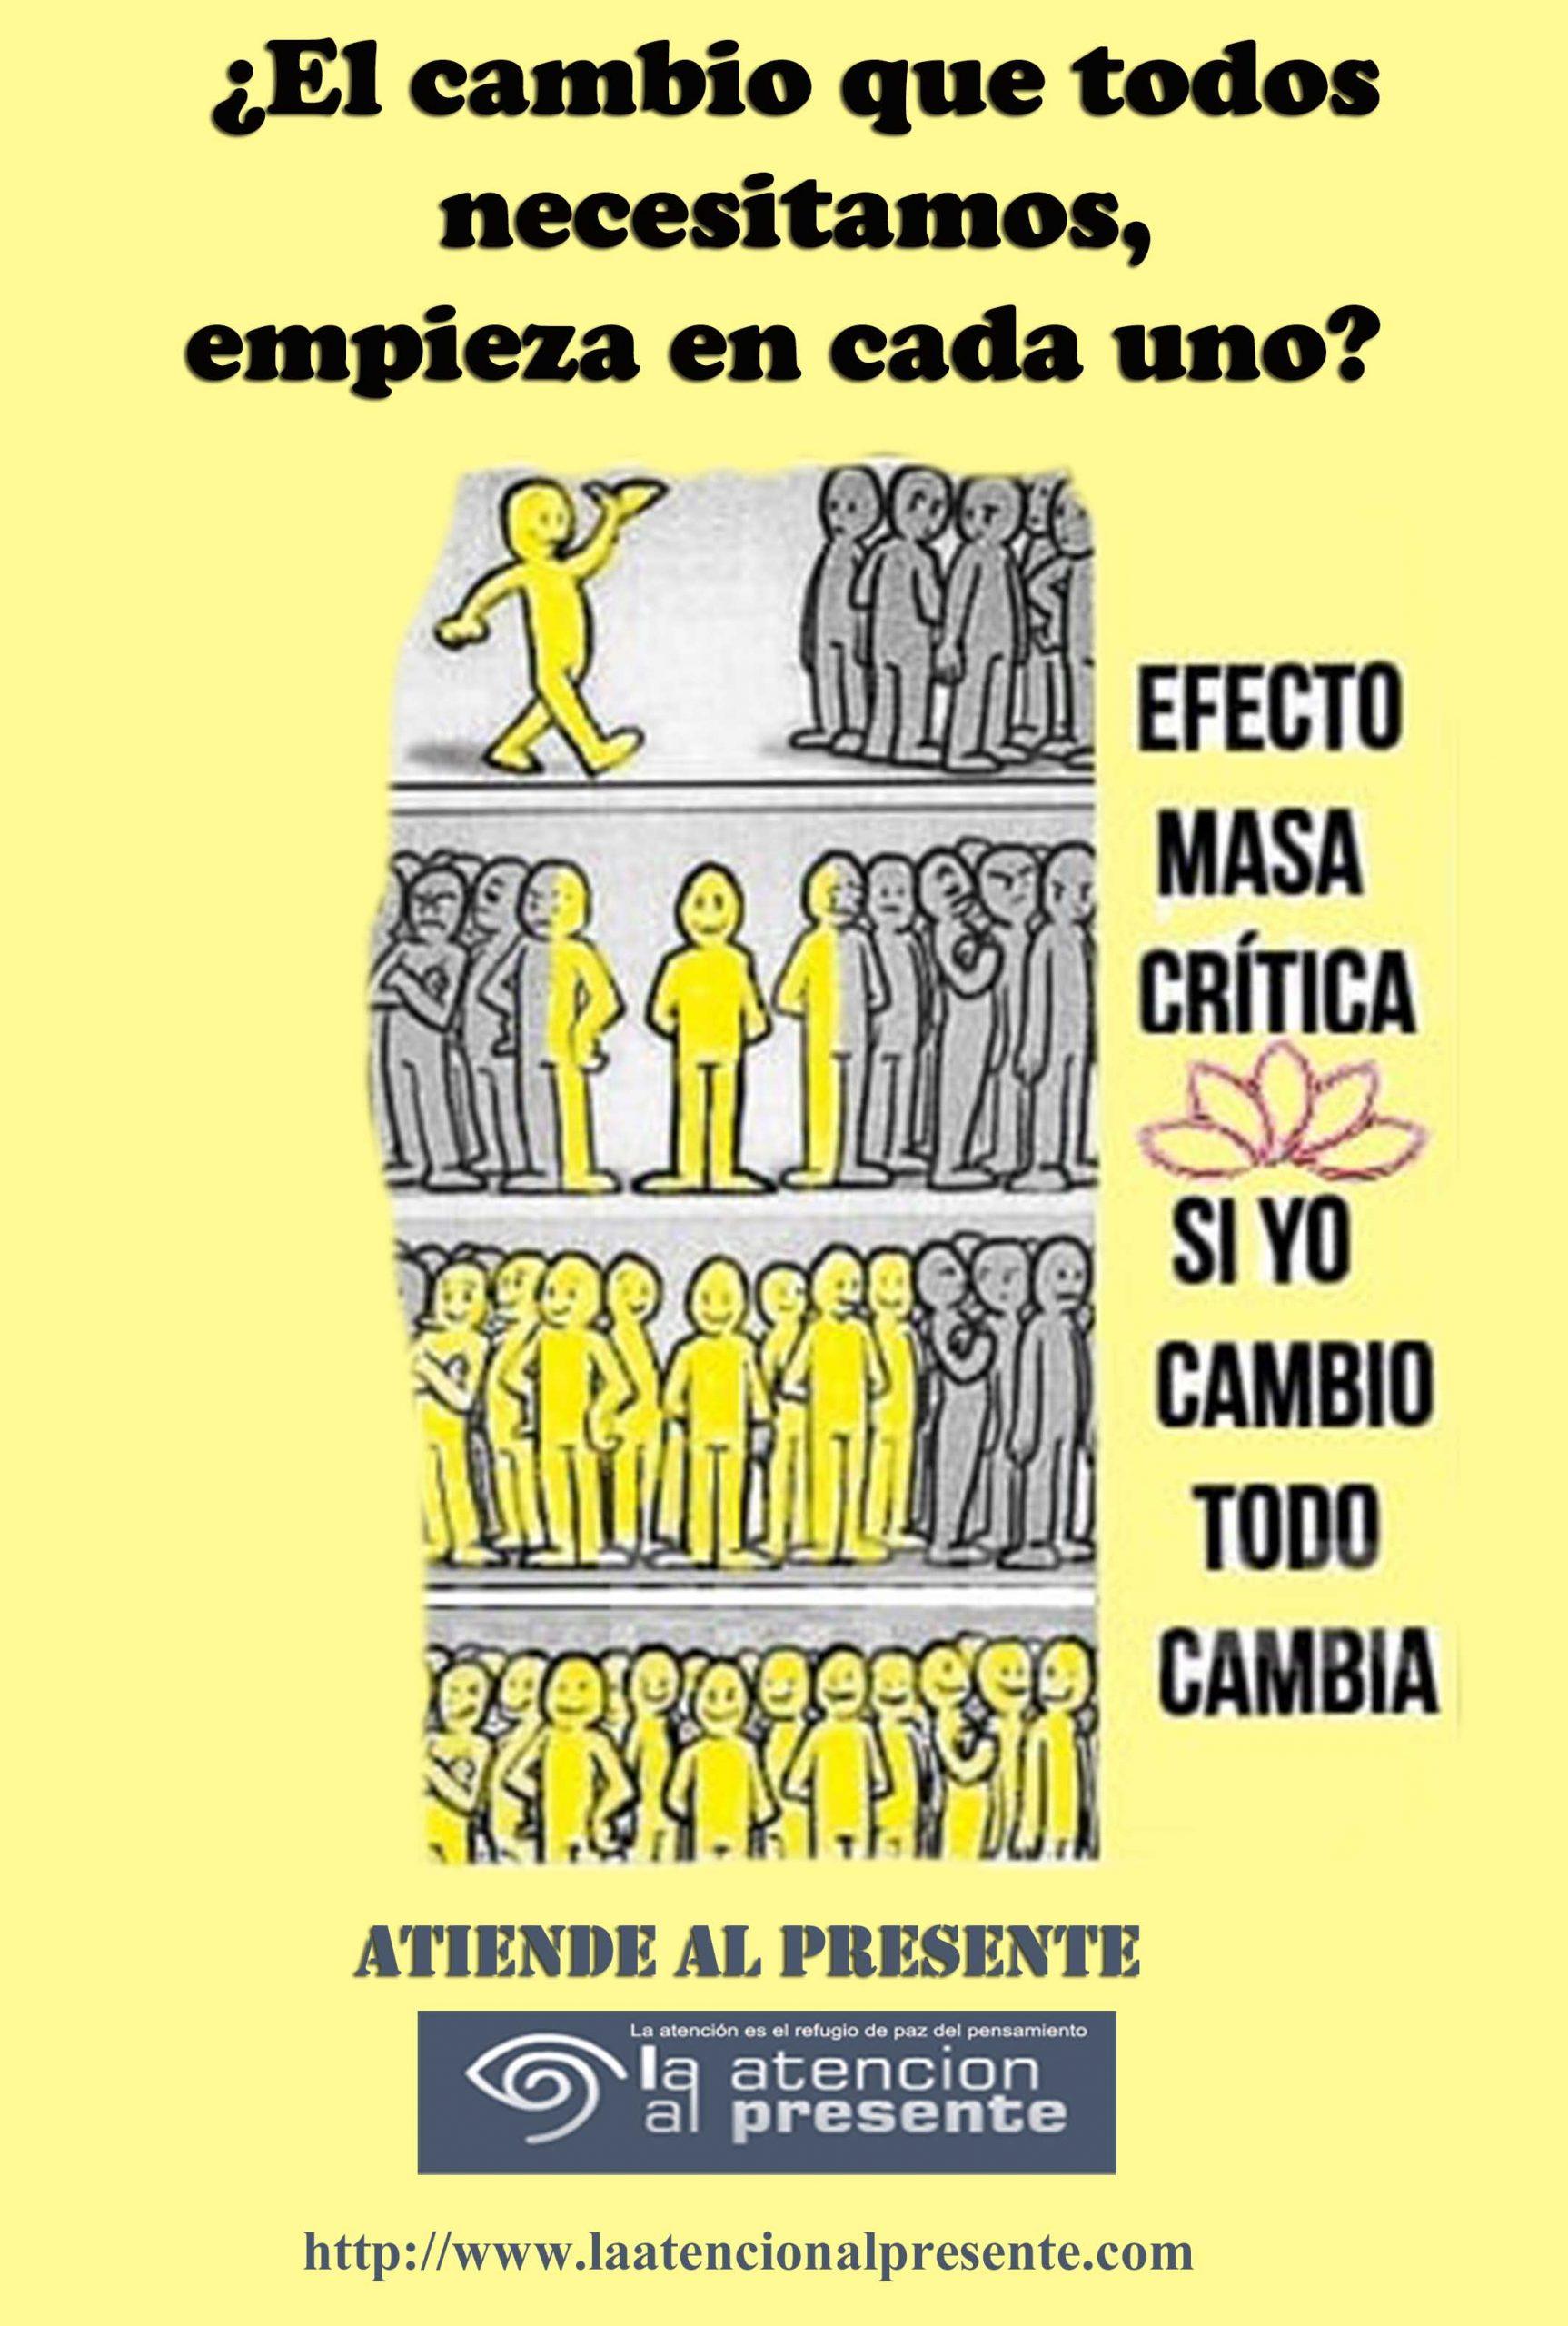 9 de Abril Esteban El cambio que todos necesitamos empieza en cada uno min scaled